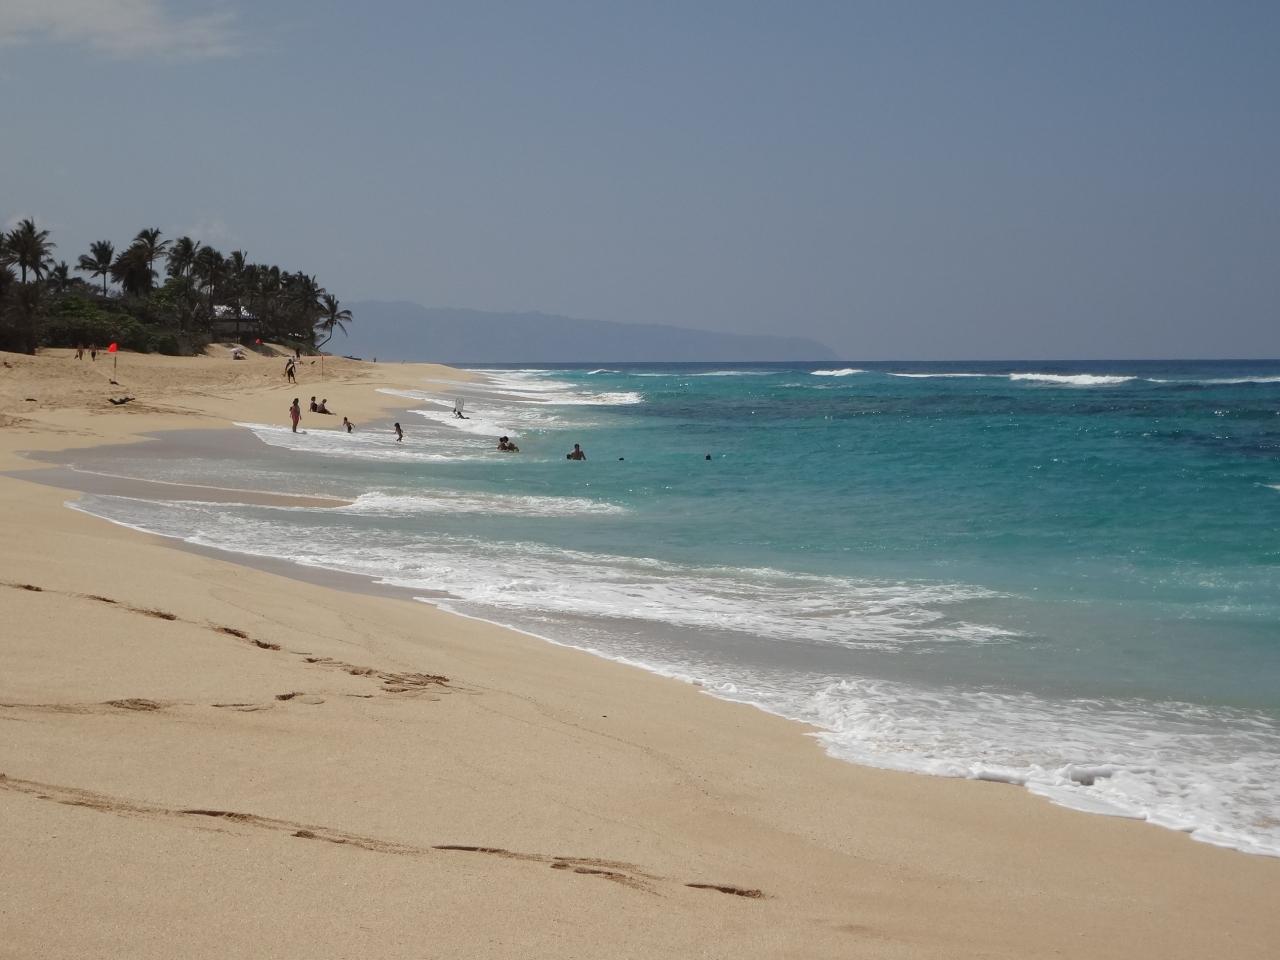 グルメとビーチと、そしてディズニーなハワイ③』オアフ島(ハワイ)の旅行